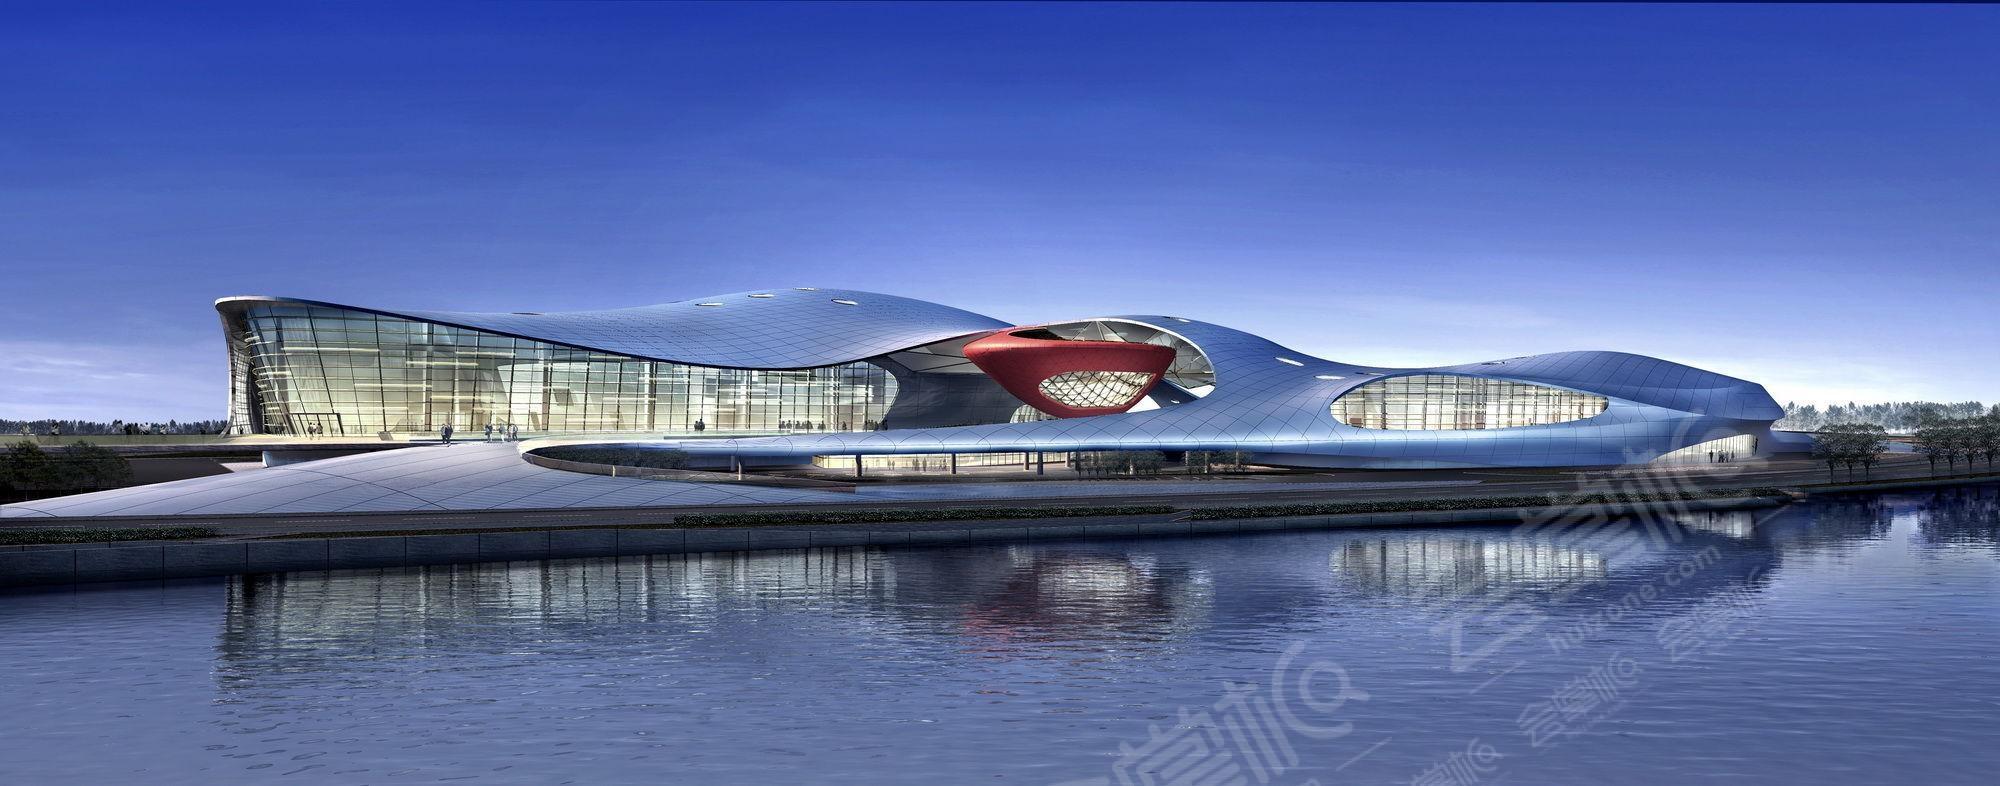 廣州亞運城綜合體育館